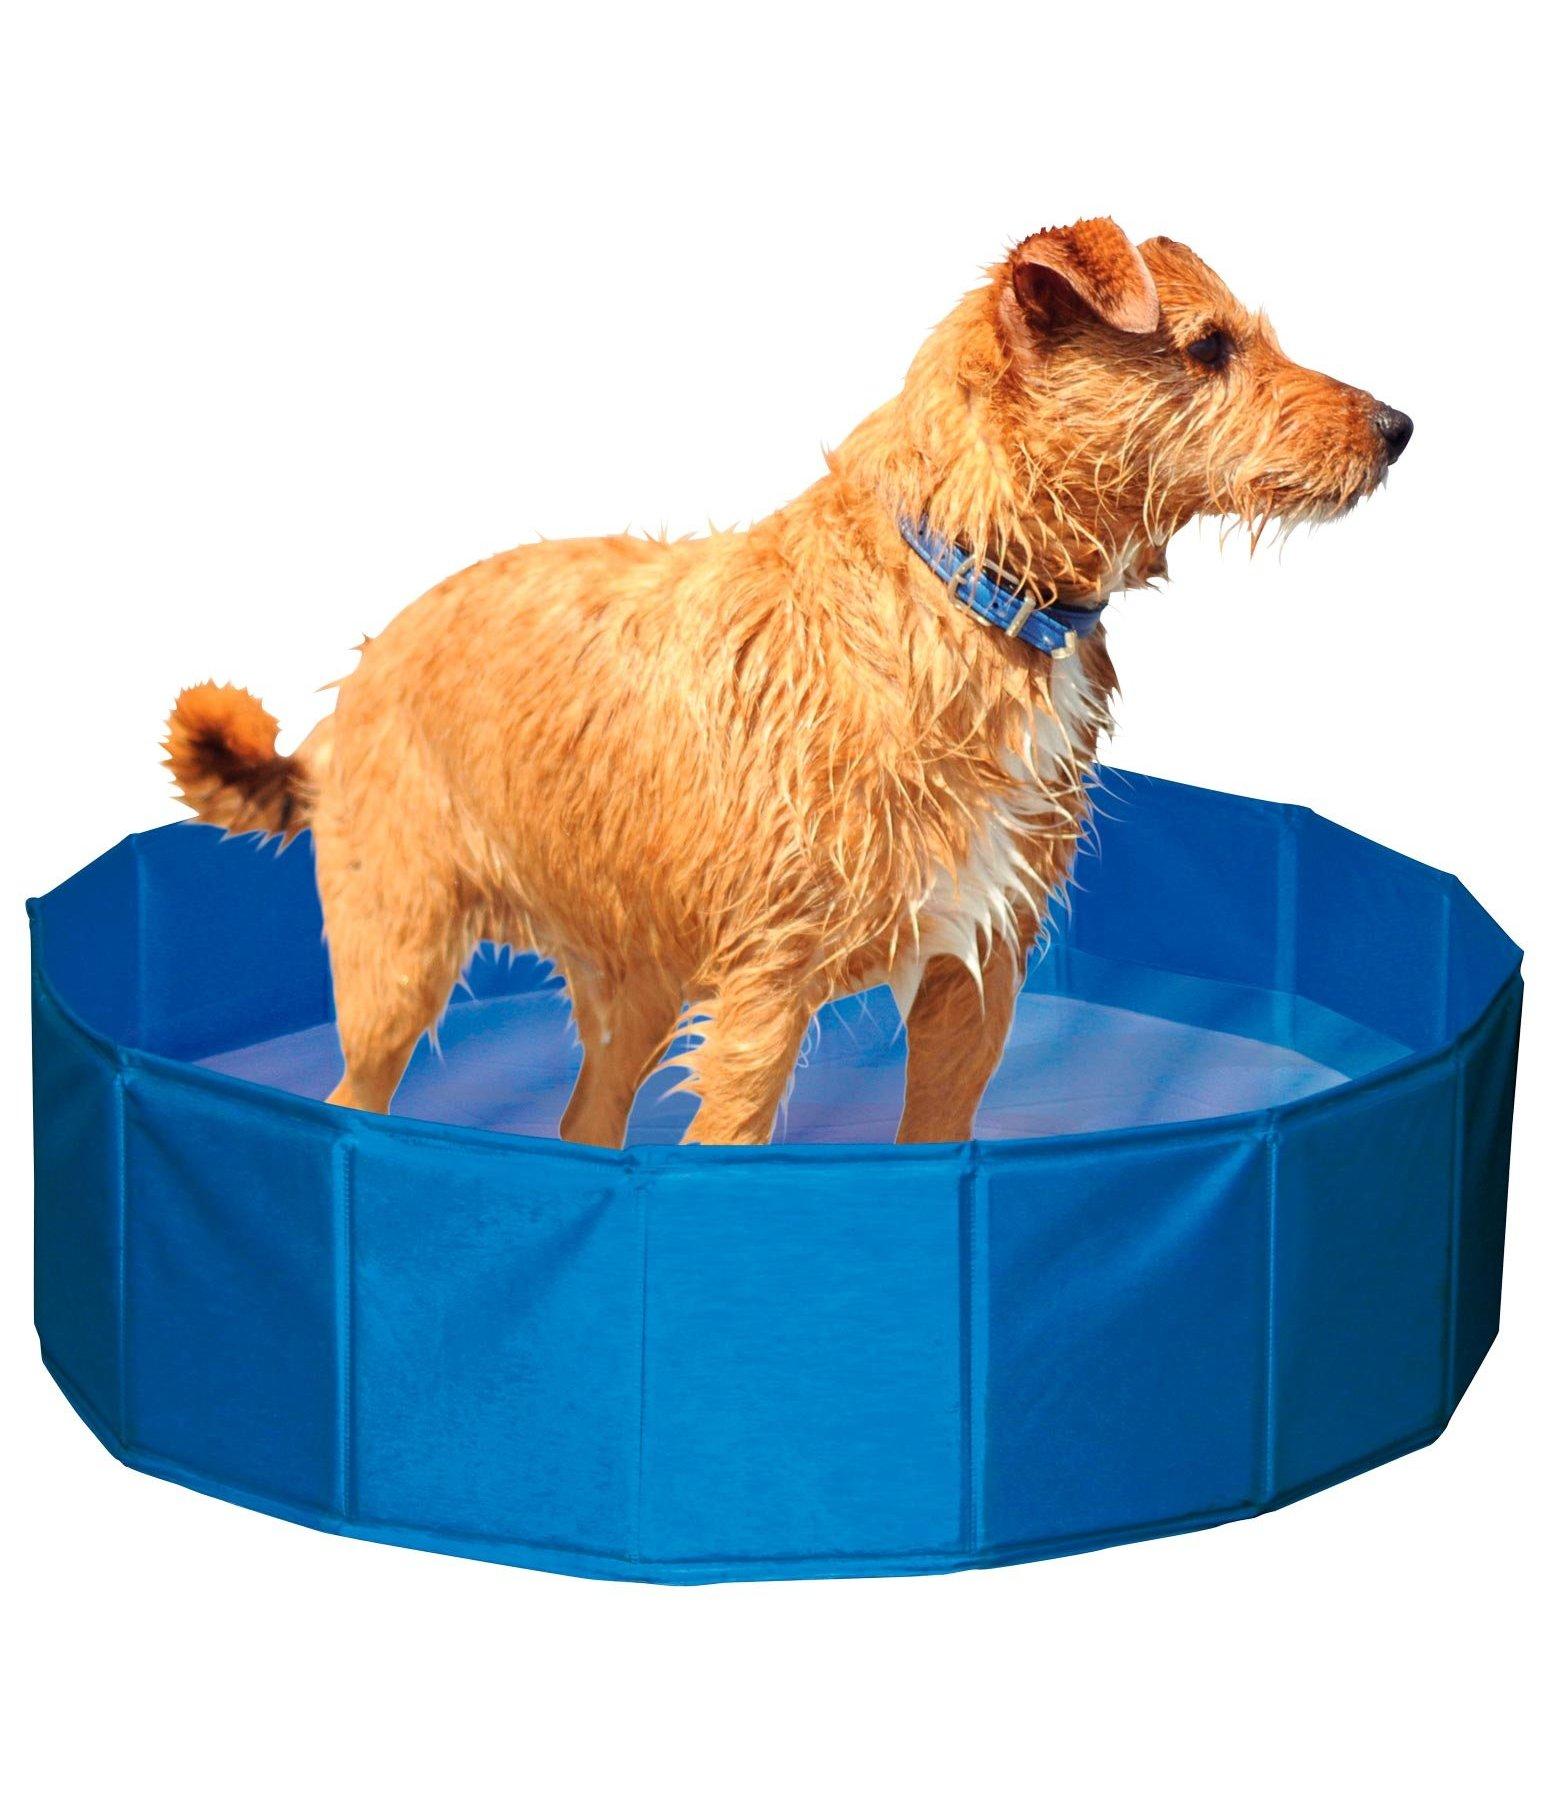 Piscine pour chien activit s jouets pour chien for Piscine pour chien